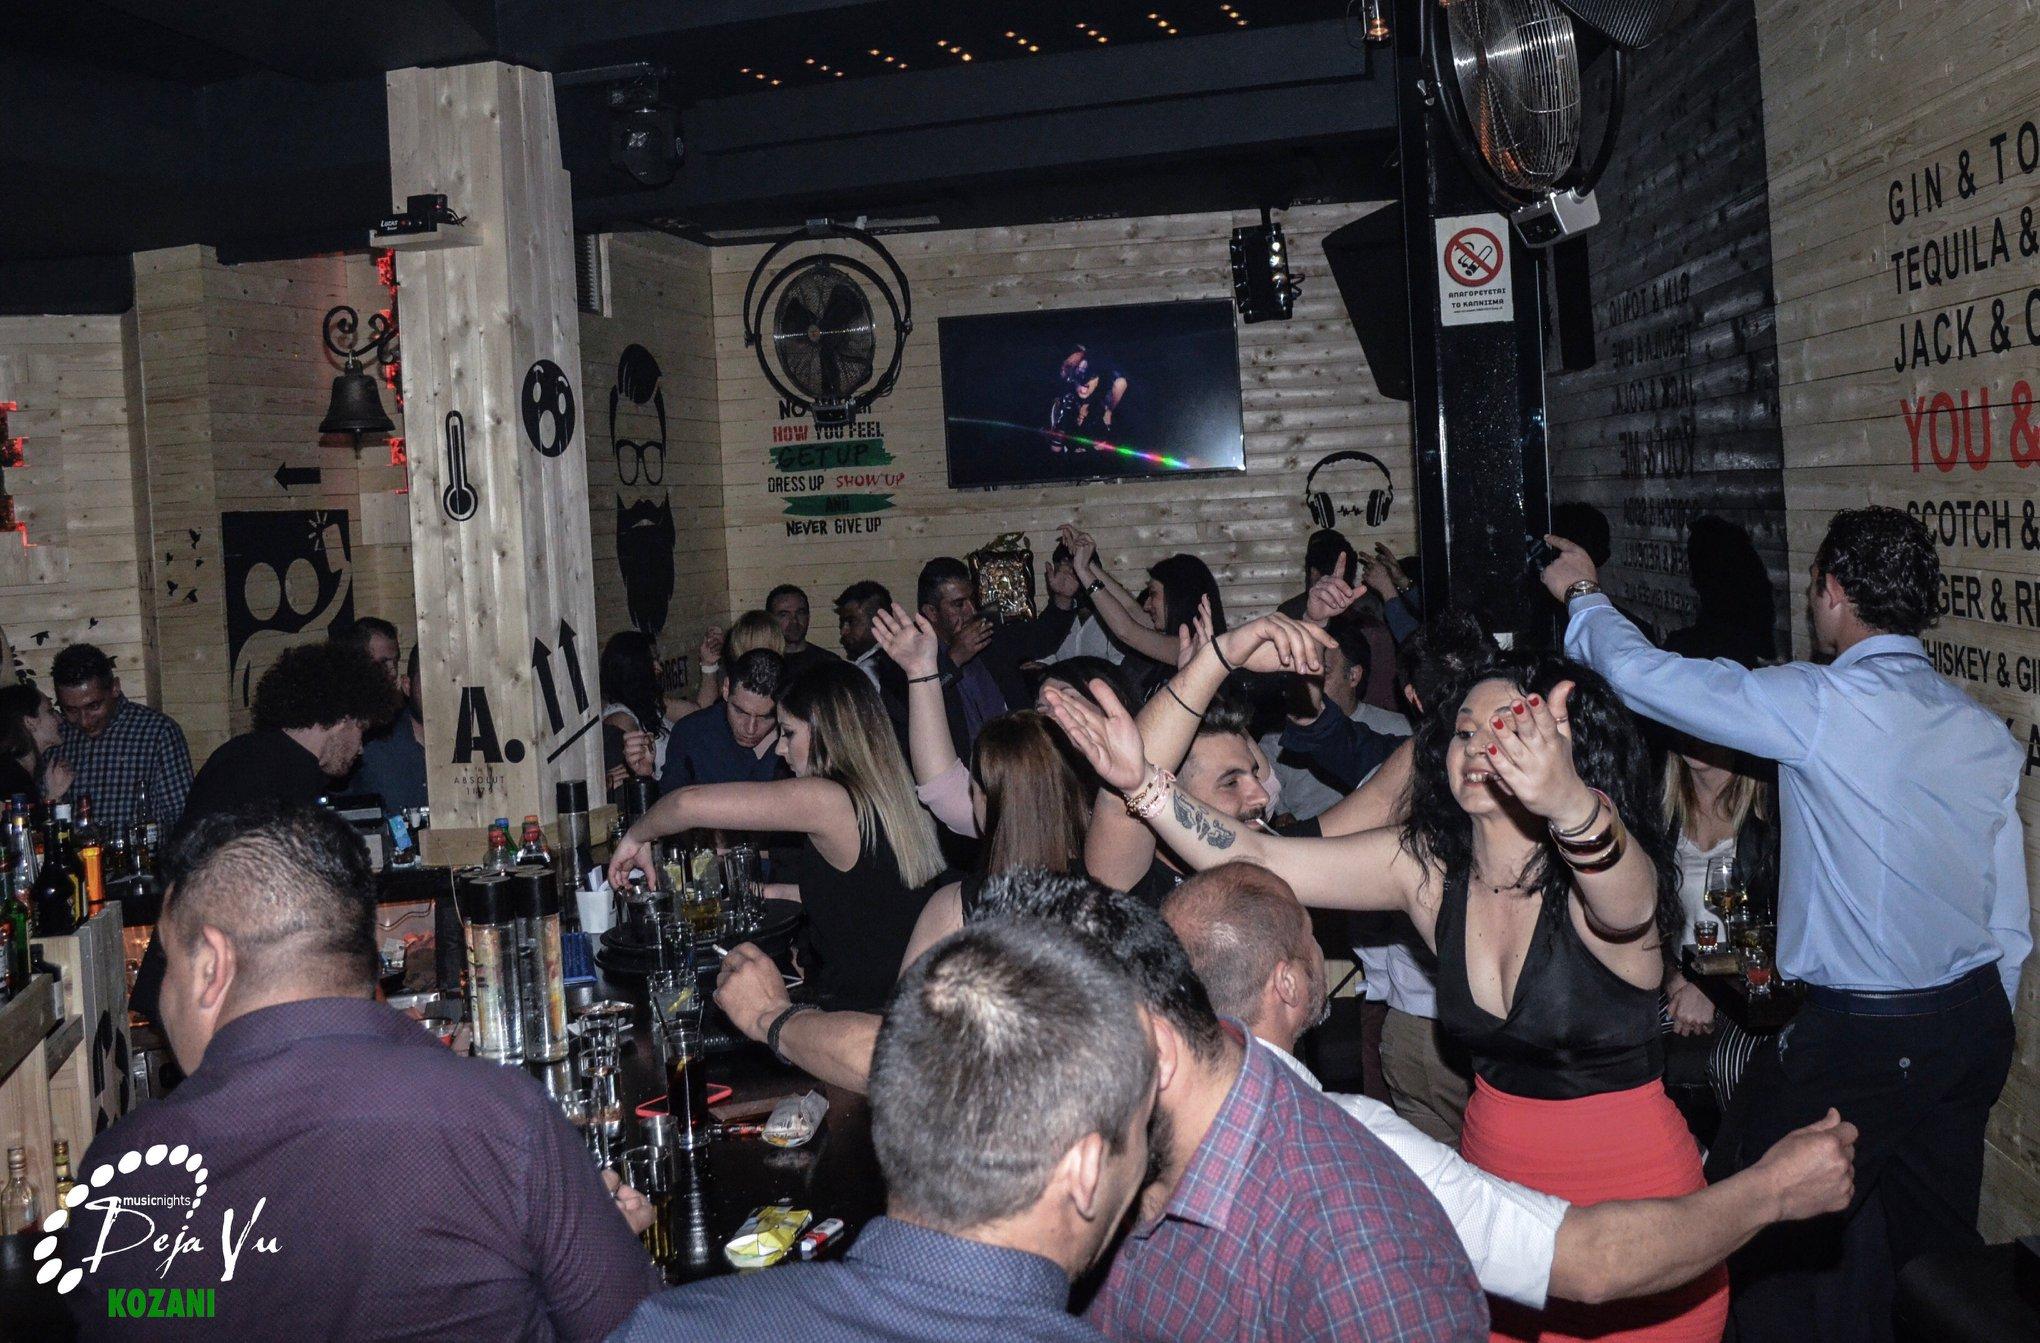 Πολύ κέφι και χορός το Μ.Σάββατο, μετά την Ανάσταση, στο De ja vu  στην Κοζάνη